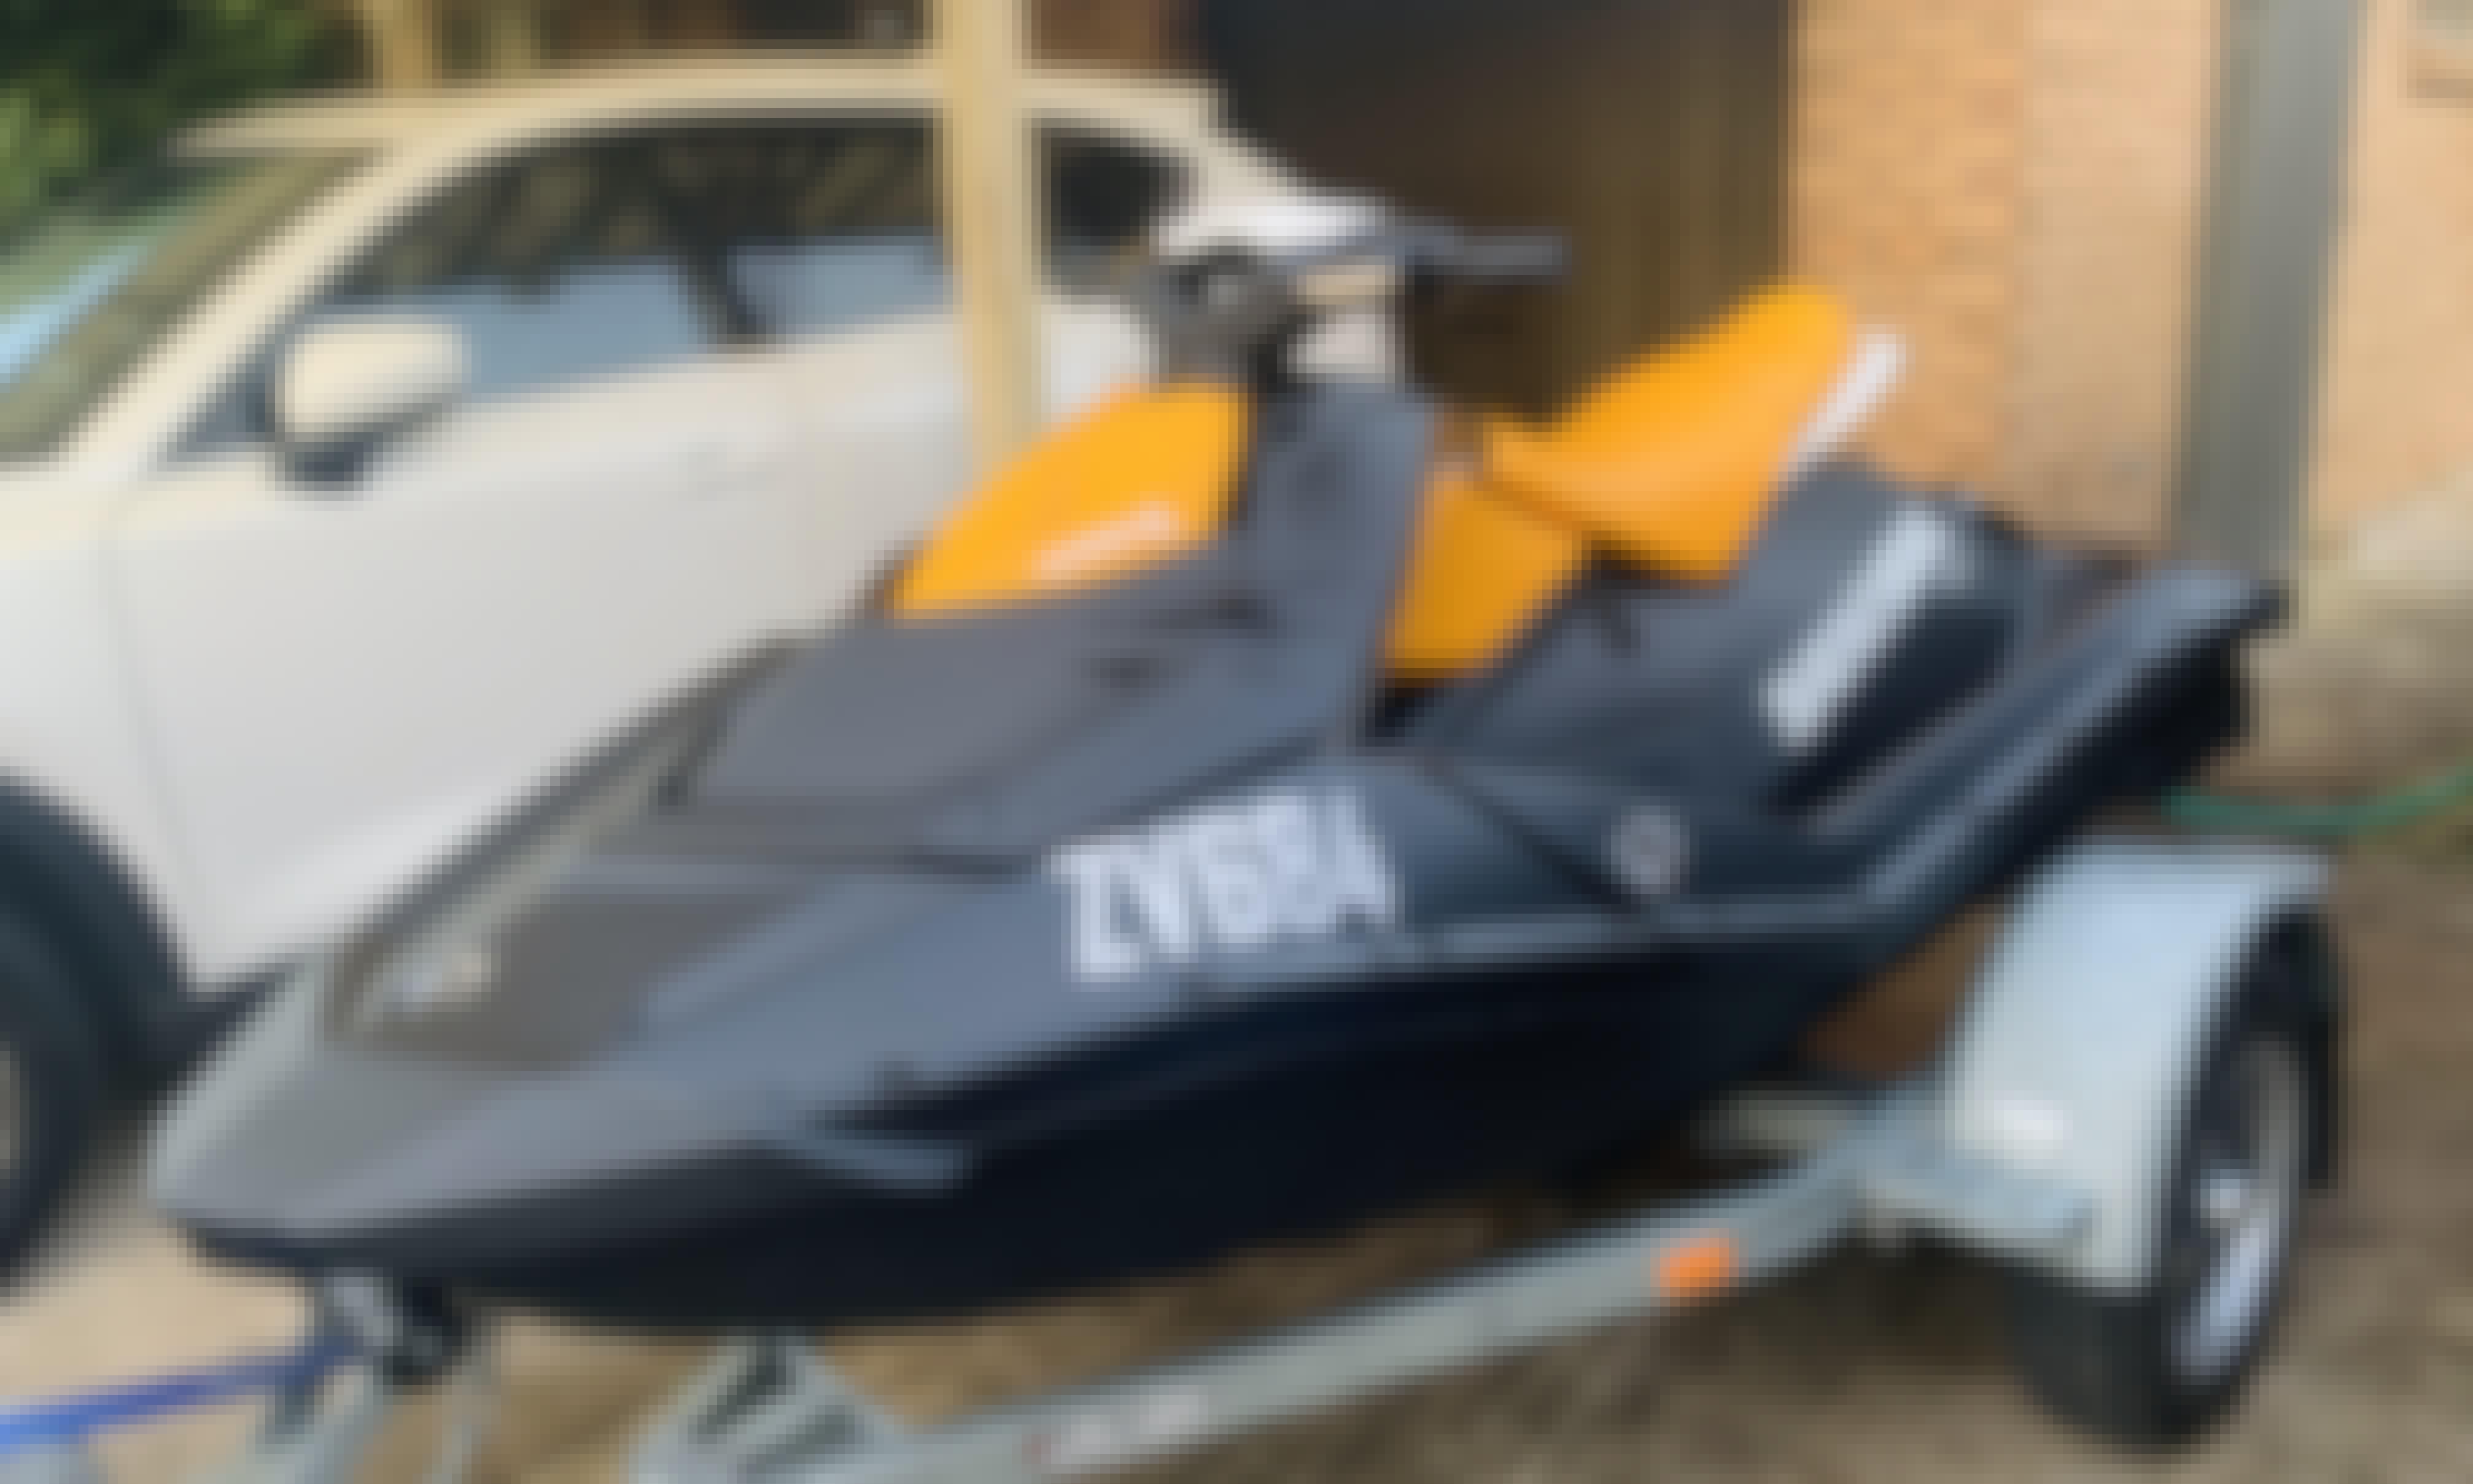 Seadoo Jet Ski Hire in Currumbin Waters, Queensland